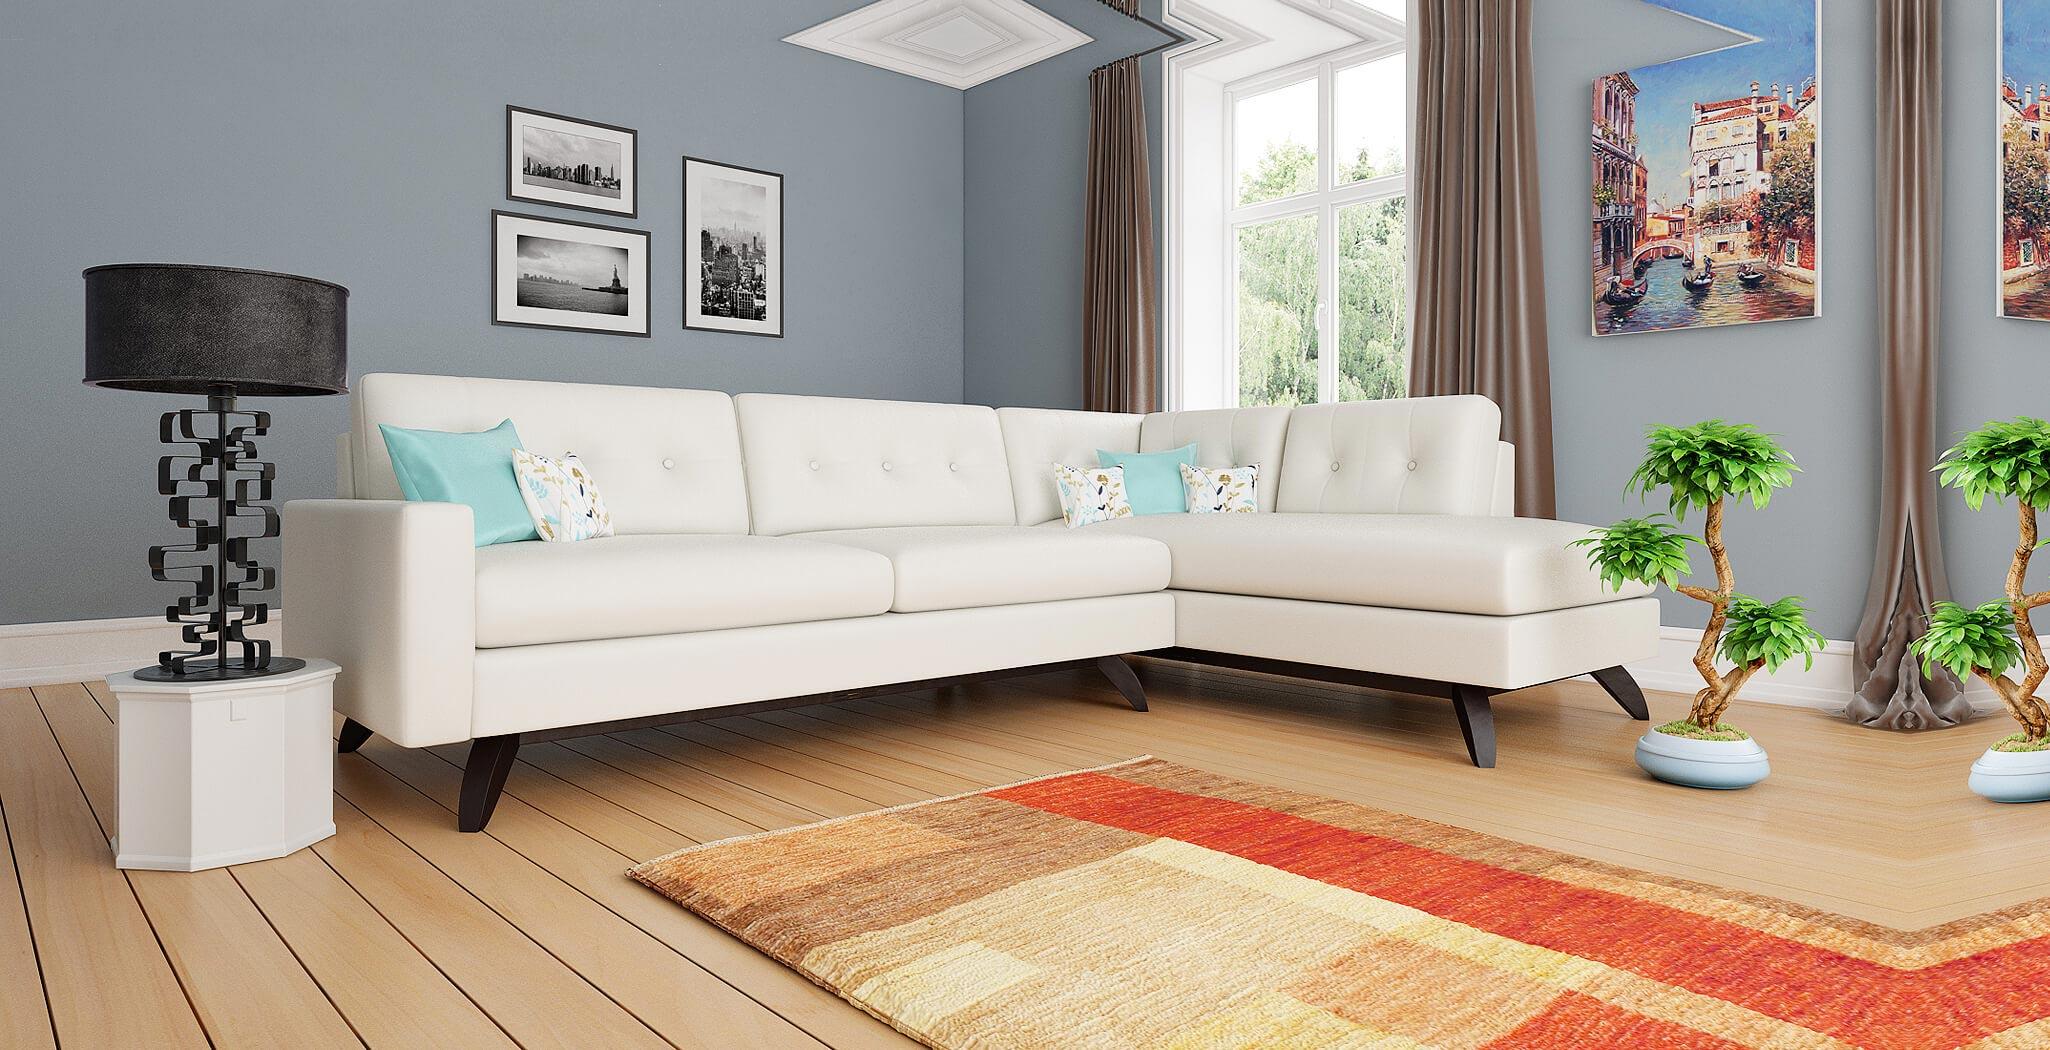 milan panel furniture gallery 4